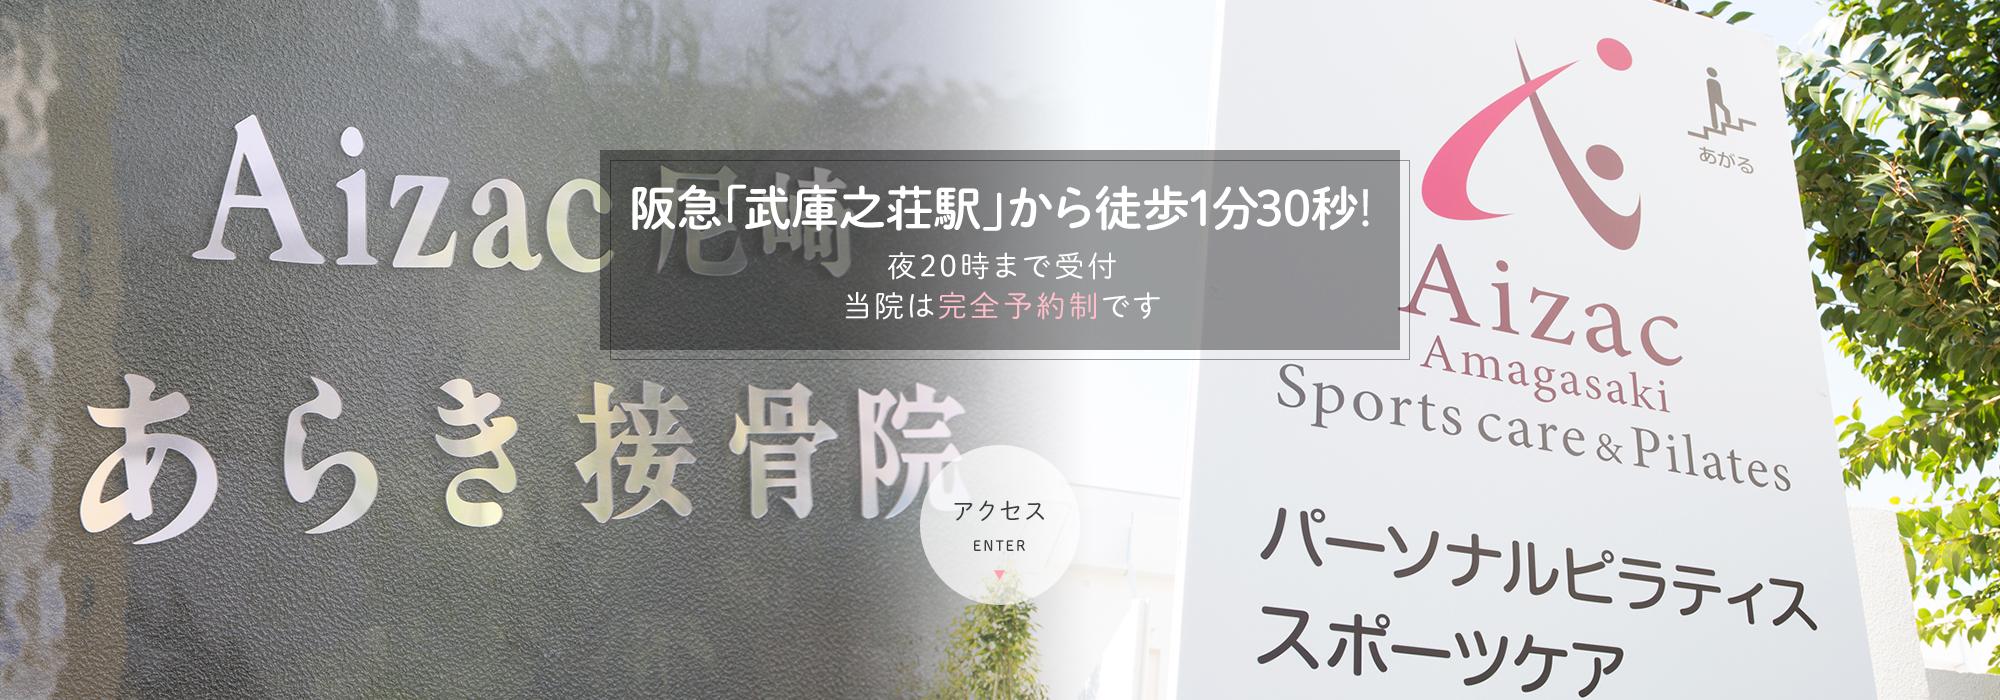 阪急「武庫之荘駅」から徒歩1分30秒! 夜20時まで受付当院は完全予約制です アクセス ENTER